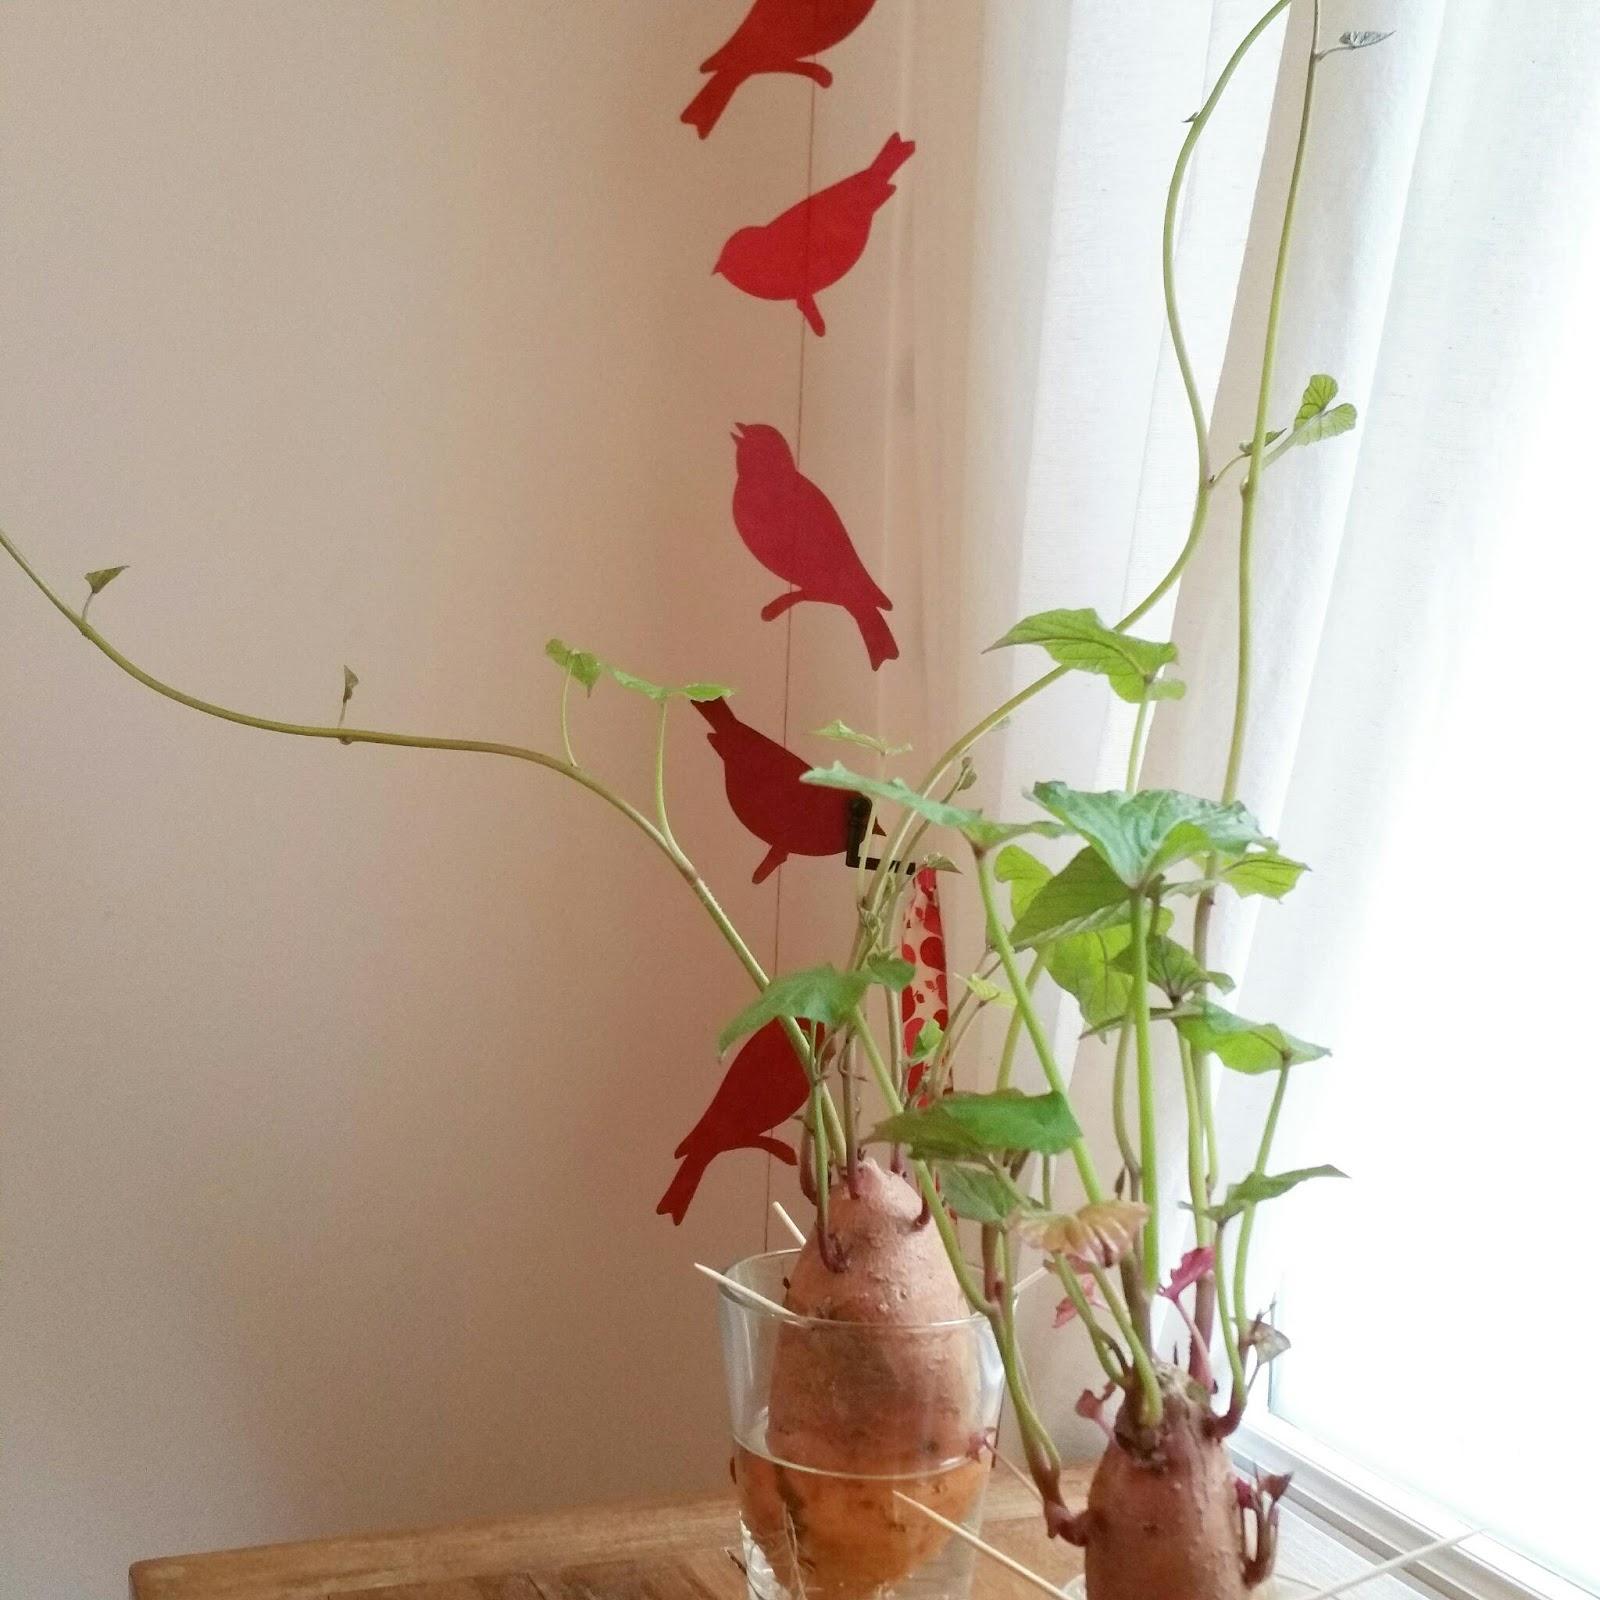 les petites m ma patate douce transform e en plante verte. Black Bedroom Furniture Sets. Home Design Ideas